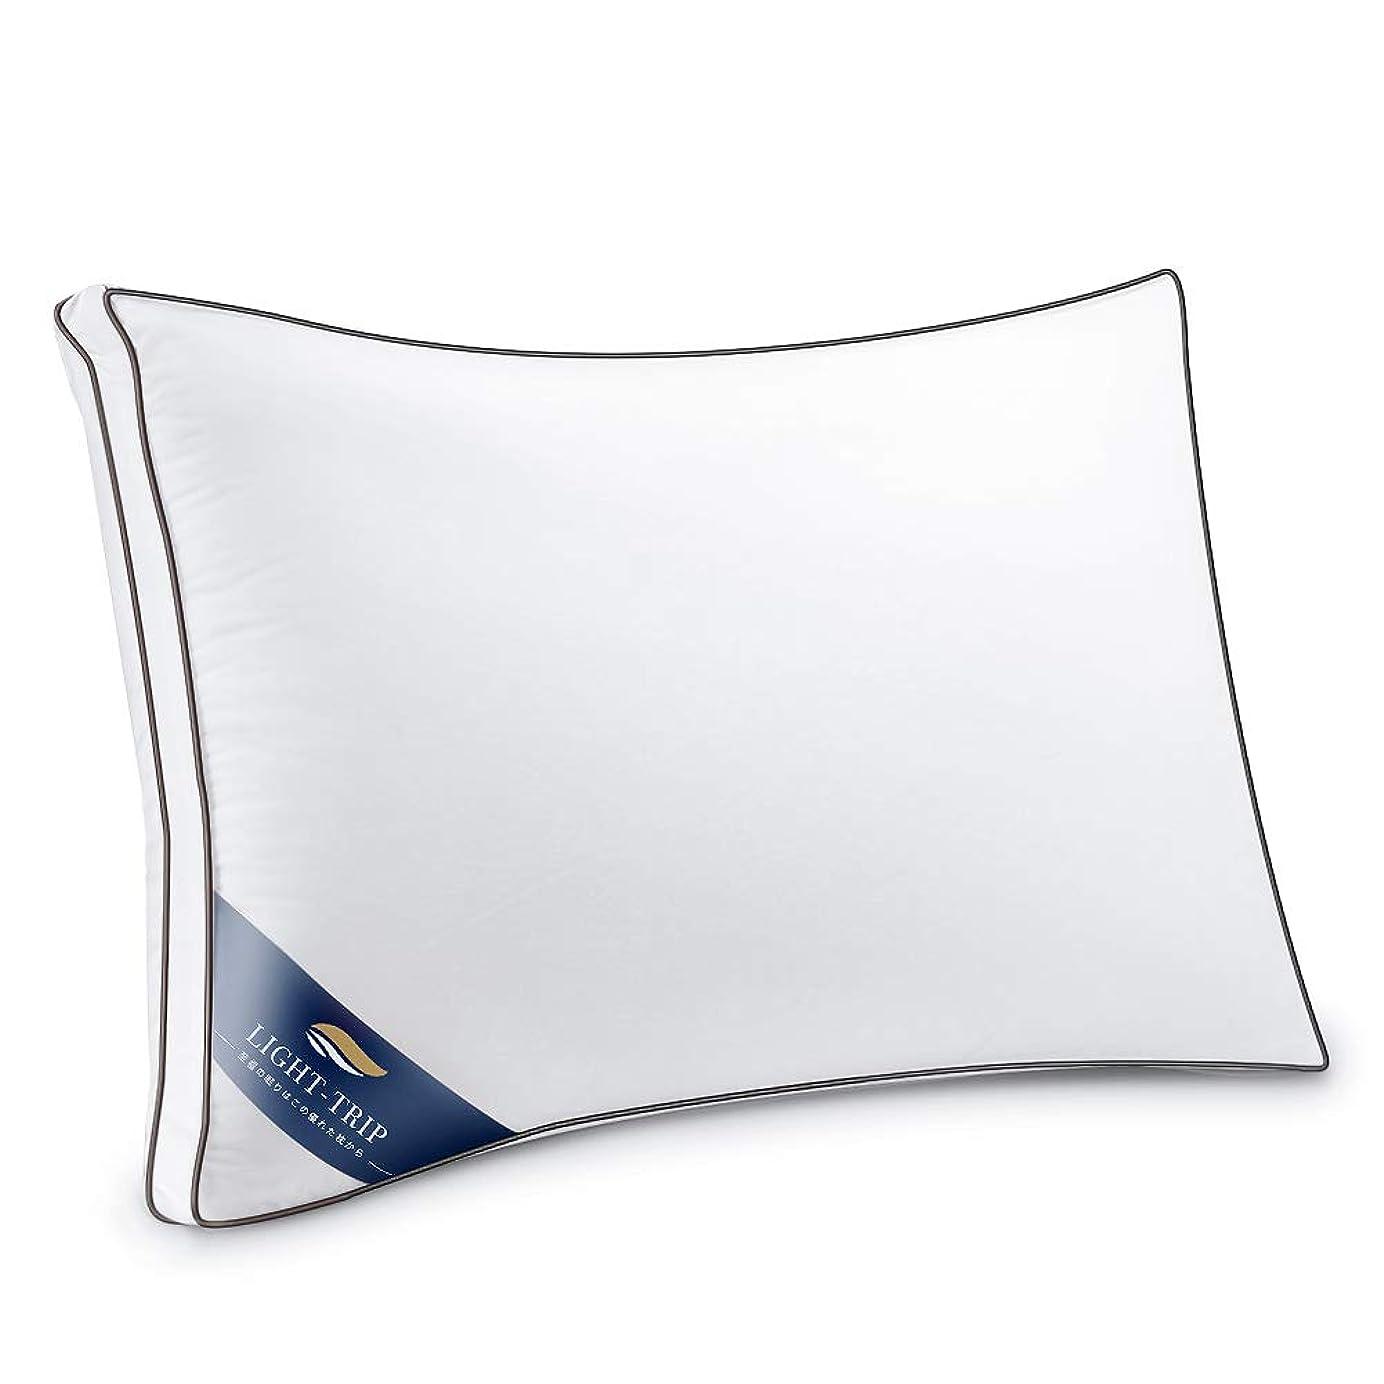 つかの間以降クール枕 安眠 人気 肩こり 快眠枕 安眠枕 高反発枕 安眠 高級 ホテル 丸洗い 洗える 防湿 通気 抗菌 ふんわり 柔らか 高度調節可能 熟睡 立体構造 43x63cm ホワイト